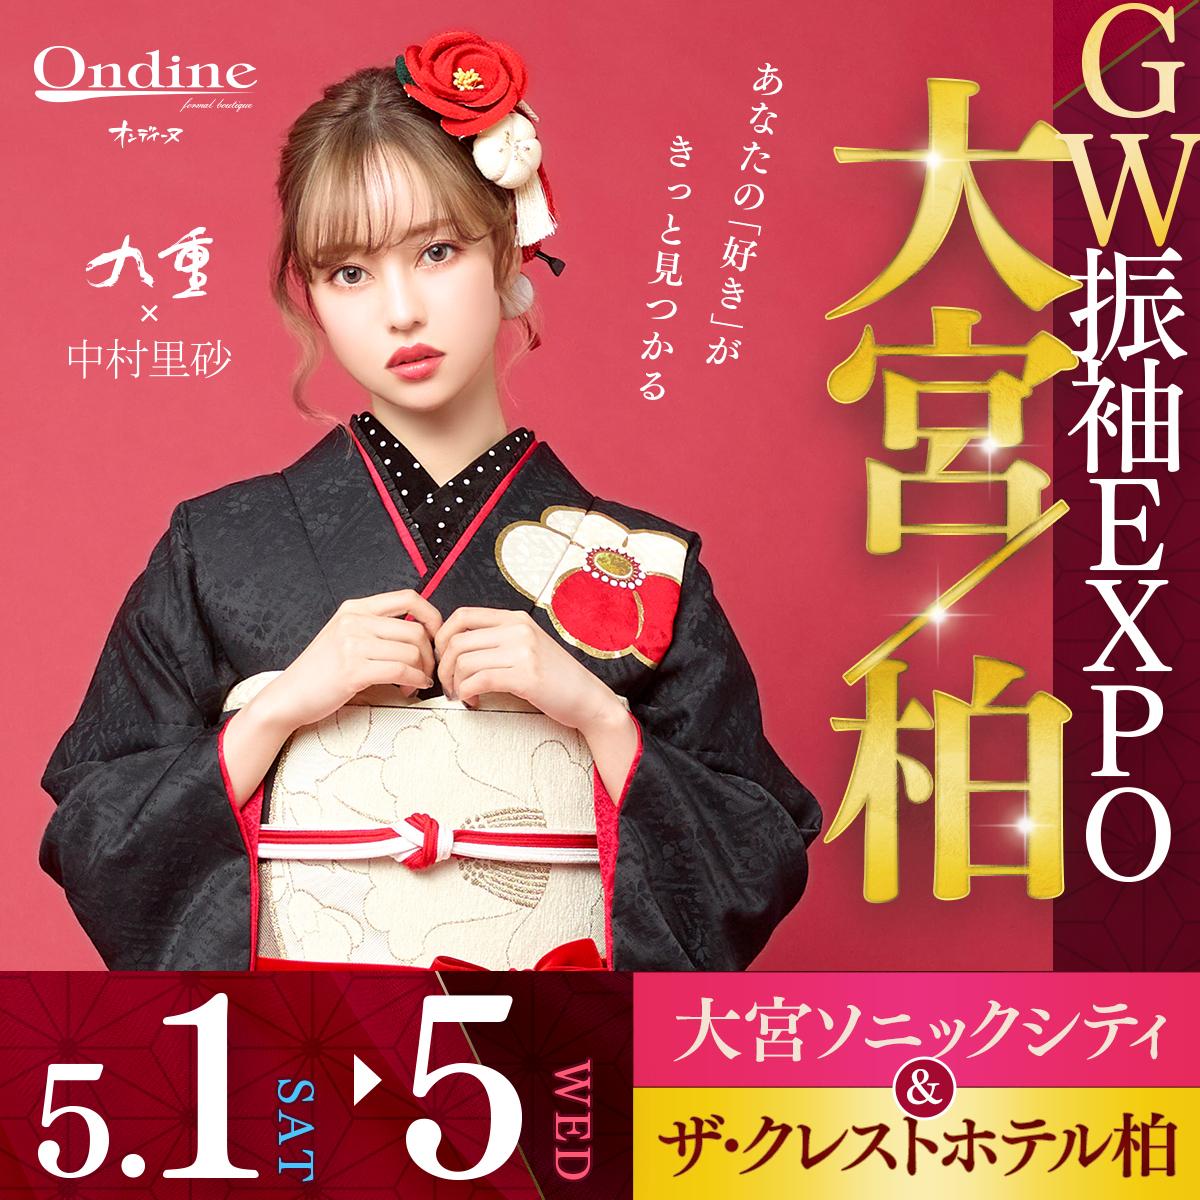 【イベント会場ご案内】GW振袖EXPO in 大宮/柏